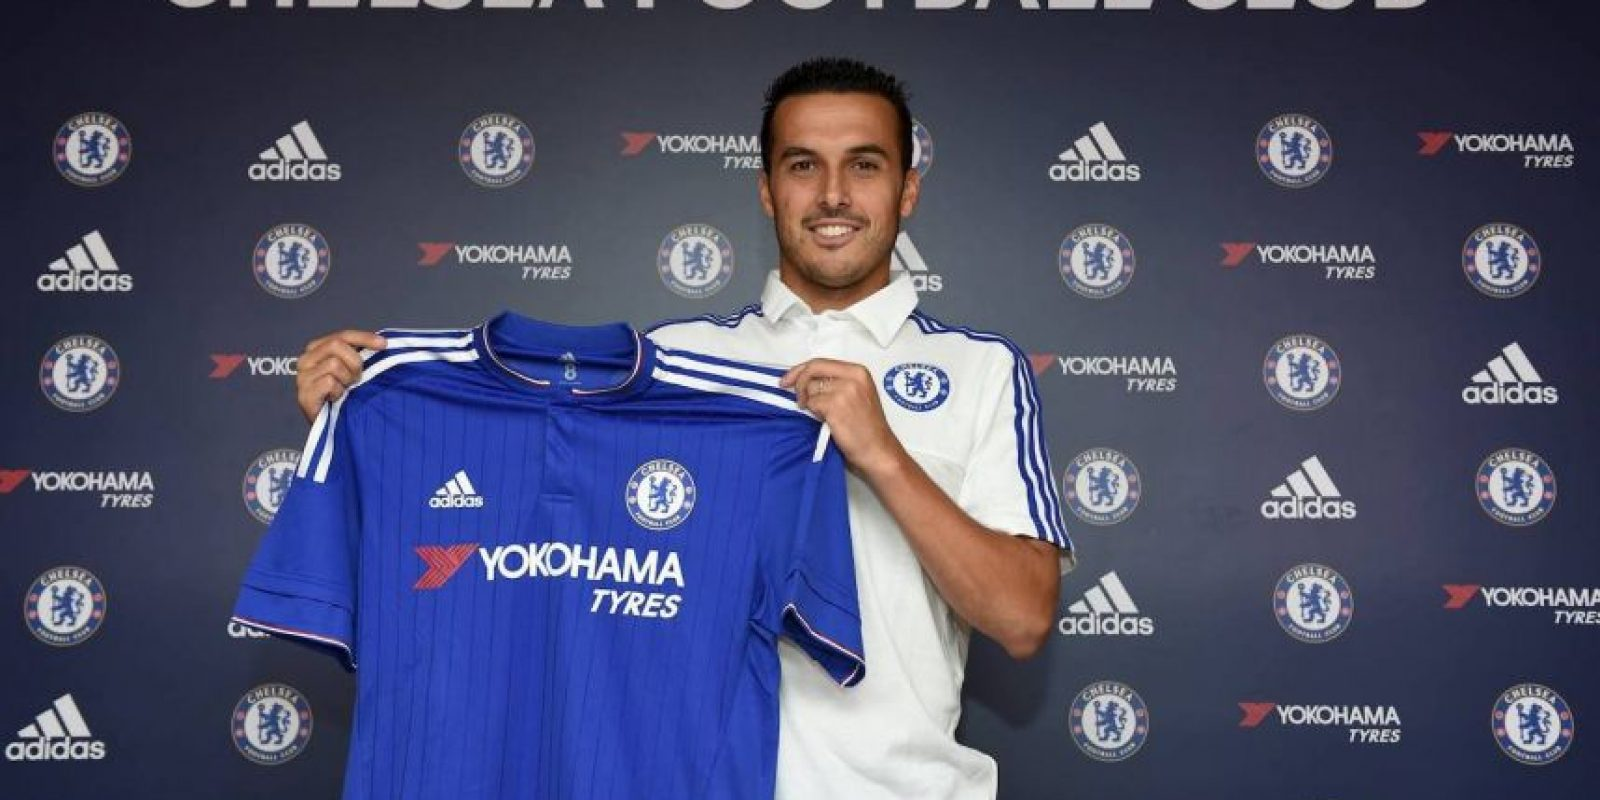 El extremo español es nuevo integrande del Chelsea de José Mourinho. Foto:Vía facebook.com/Chelseafc